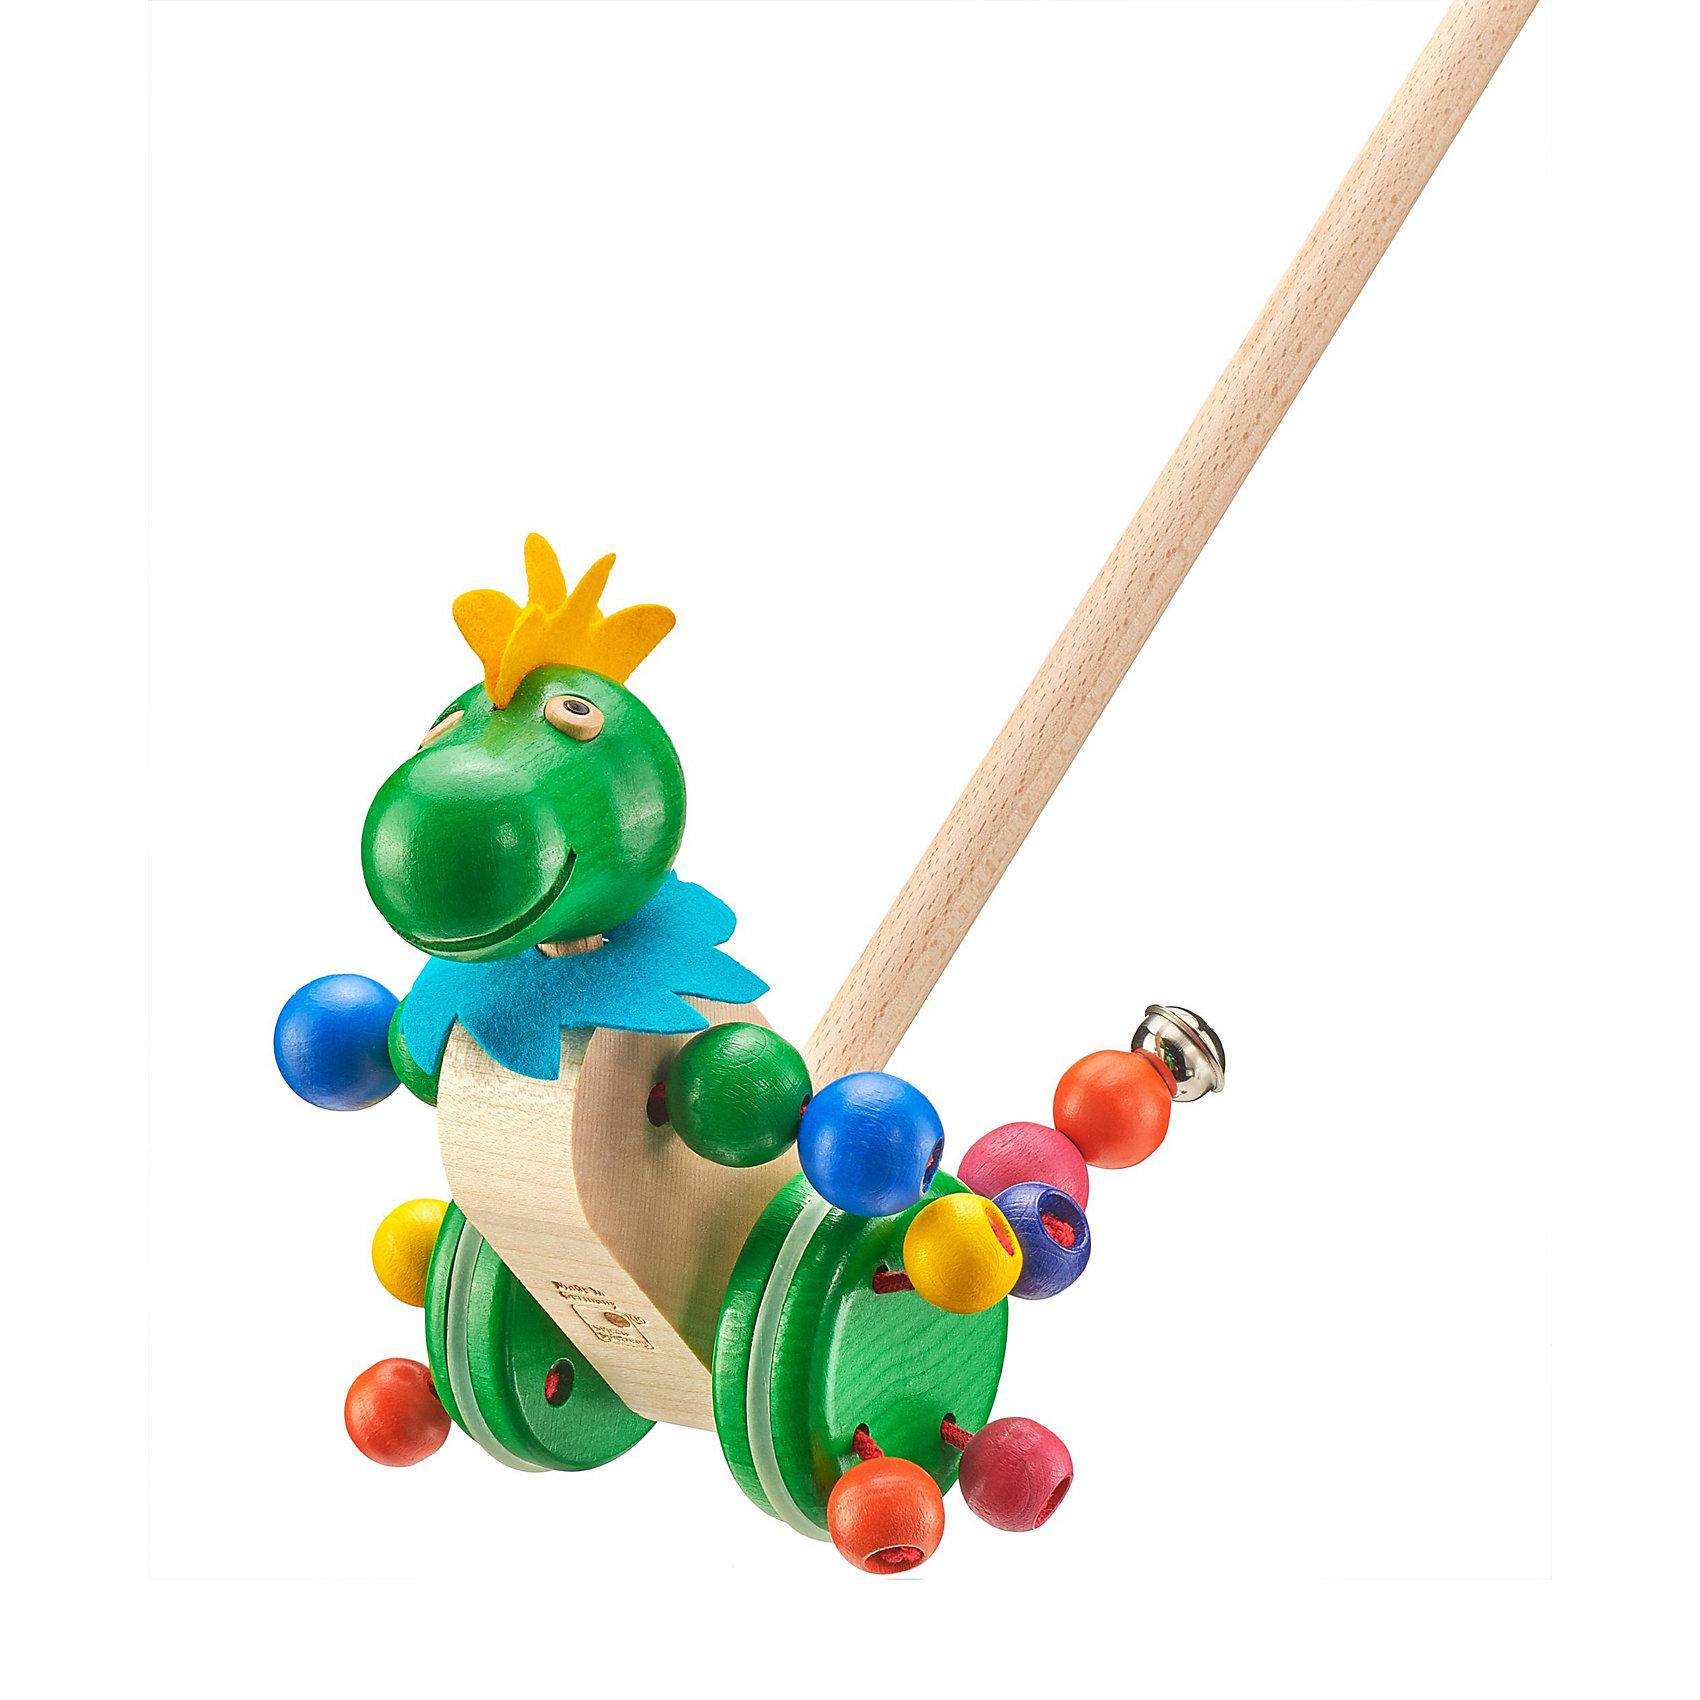 Selecta Игрушка-каталка ТаттолоИгрушки-каталки<br>Игрушка-каталка Таттоло отправляется в большое путешествие! Голова, хвост, руки, ноги – все шевелится, гремит, кружится и радуется первым шагам малыша. Маленький дракон усердно поддерживает малыша, когда тот учится ходить, пока дело не пойдет лучше, быстрее и увереннее. Милейшее первобытное животное для долгих тренировок.     <br>      <br>    <br>    Дополнительные характеристики:  <br>      <br>    <br>    + Длина: ок. 21 см.  <br>      <br>    <br>    + Материал: клен  <br>      <br>    <br>    + Безопасность проверена Союзом работников технического надзора (T?V)    <br>      <br>    <br>    Структура дерева пробуждает фантазию и передает самые разные впечатления, обращаясь к разным органам чувств. Данный артикул дополнительно обработан пчелиным воском, что делает его поверхность гладкой и мягкой. Естественный аромат способствует развитию чувств и ощущений у детей.<br><br>Ширина мм: 627<br>Глубина мм: 182<br>Высота мм: 171<br>Вес г: 490<br>Возраст от месяцев: 10<br>Возраст до месяцев: 18<br>Пол: Унисекс<br>Возраст: Детский<br>SKU: 1421874